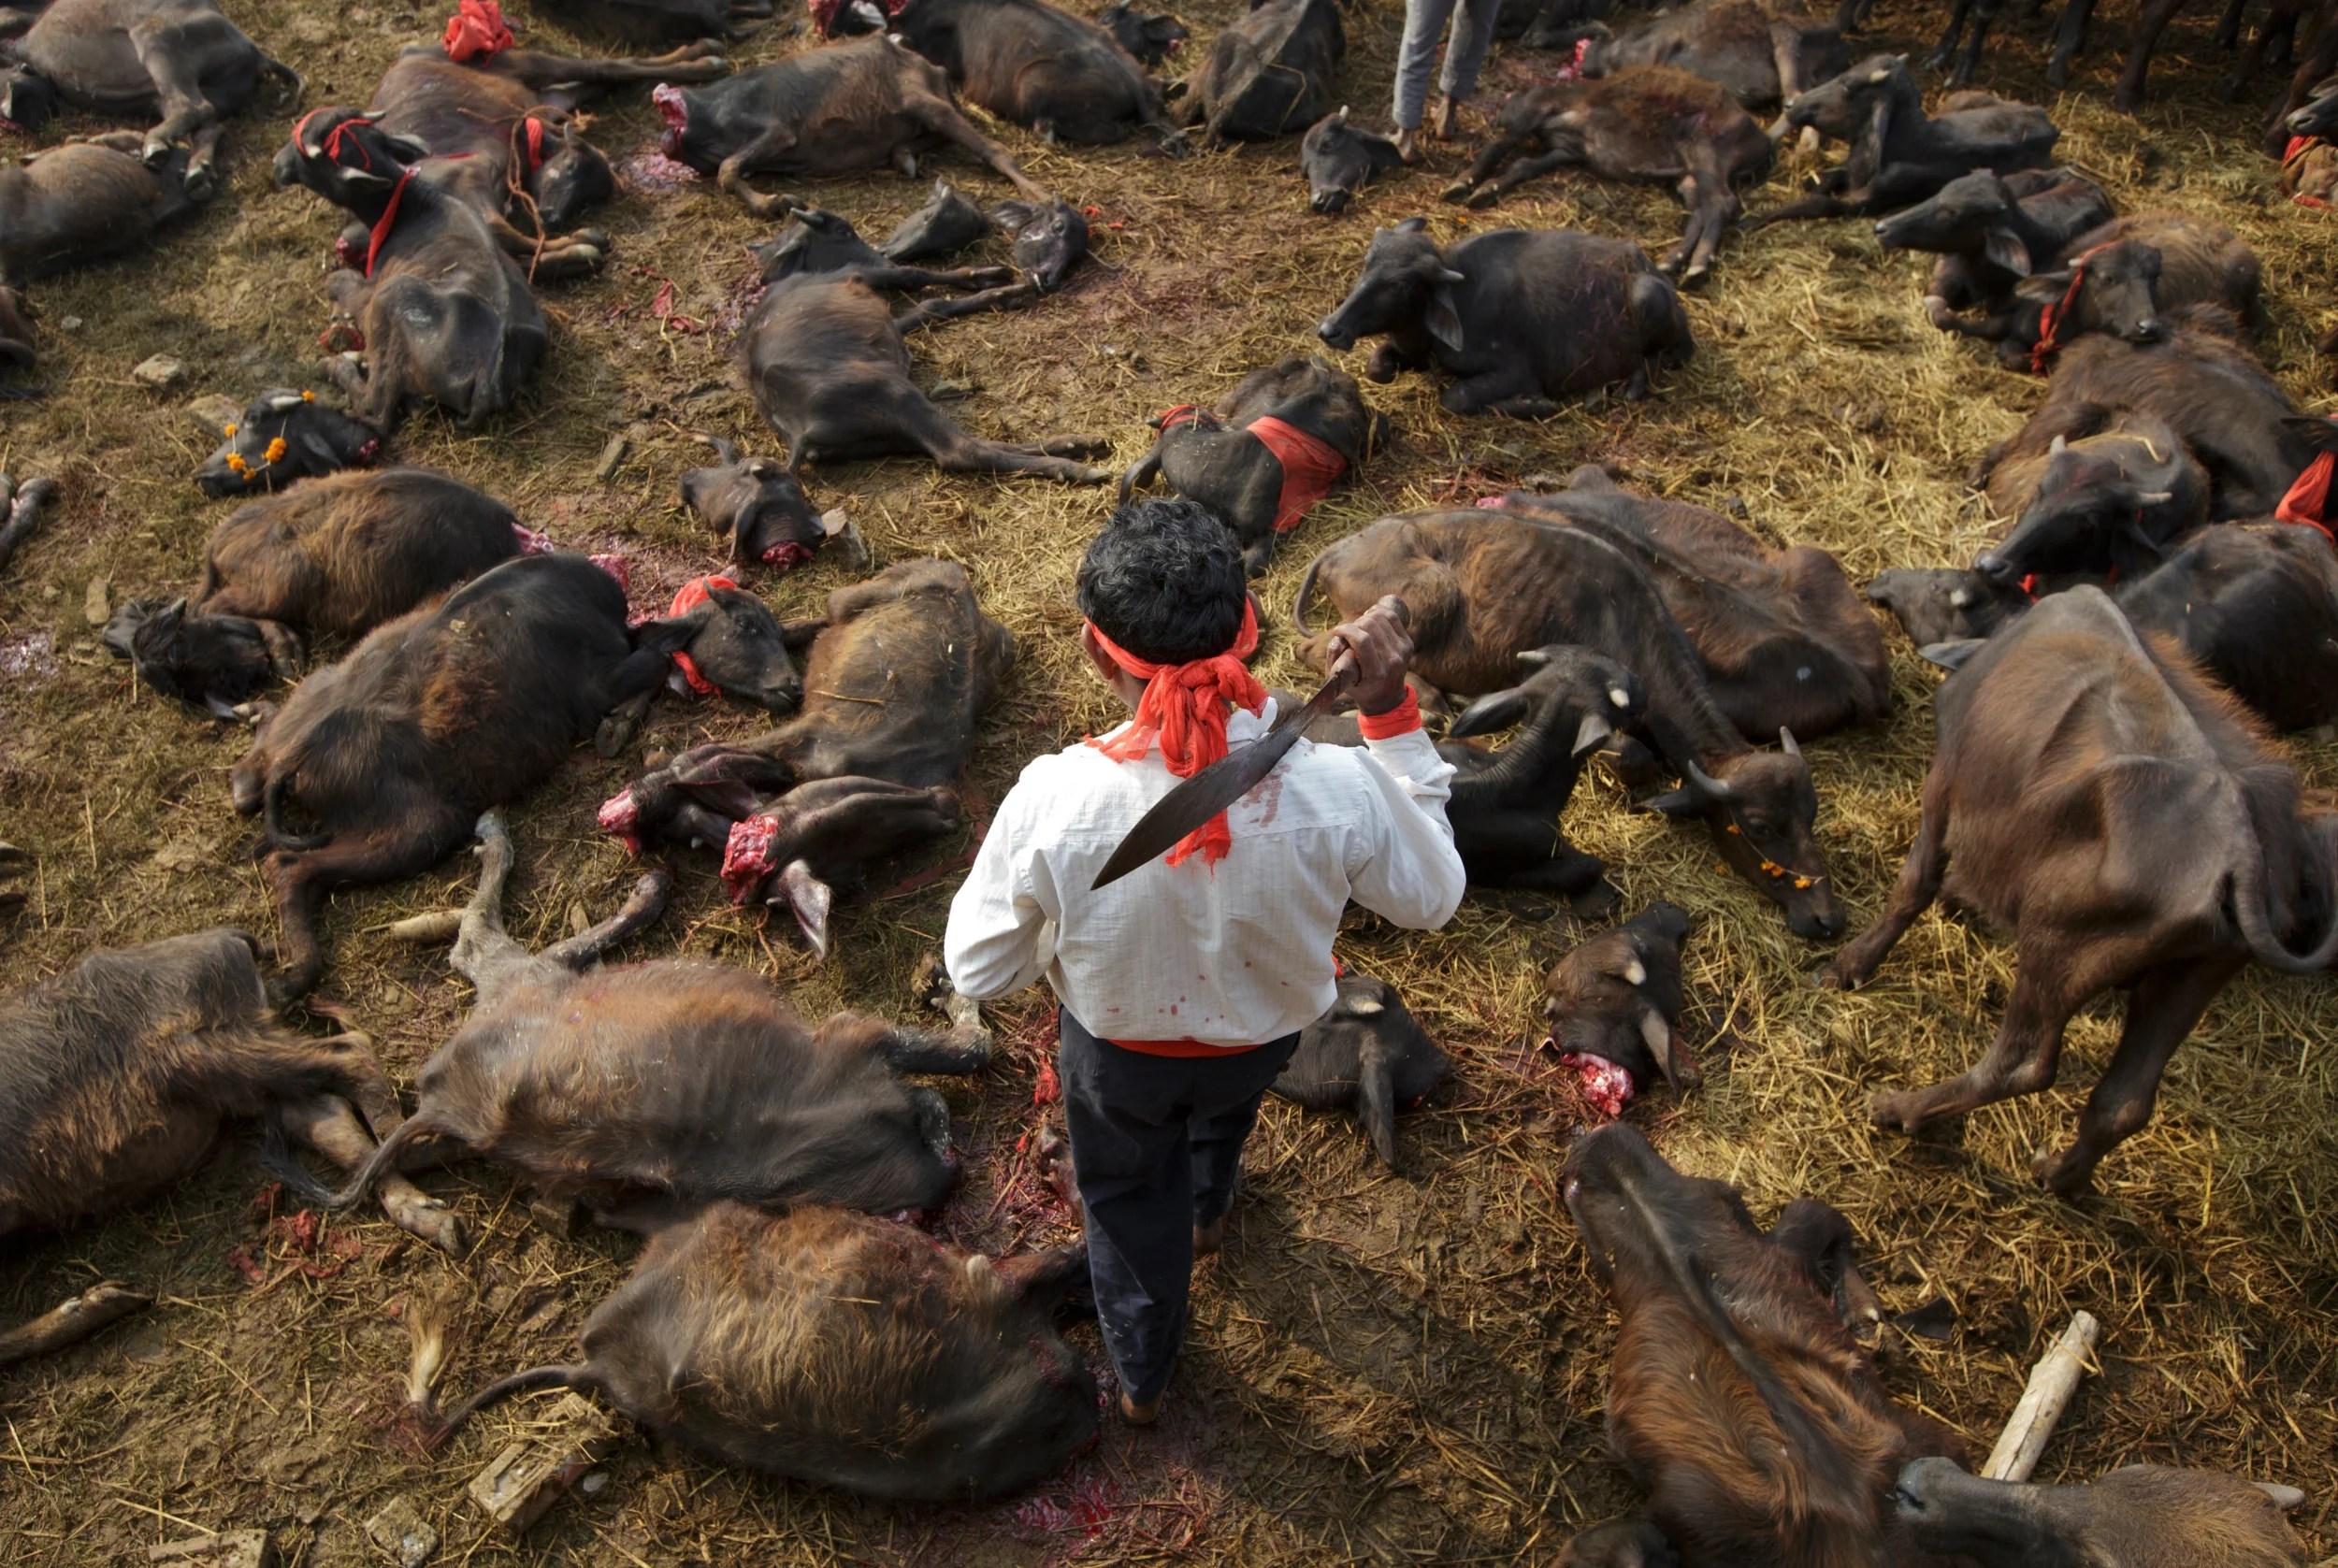 Gadhimai deaths